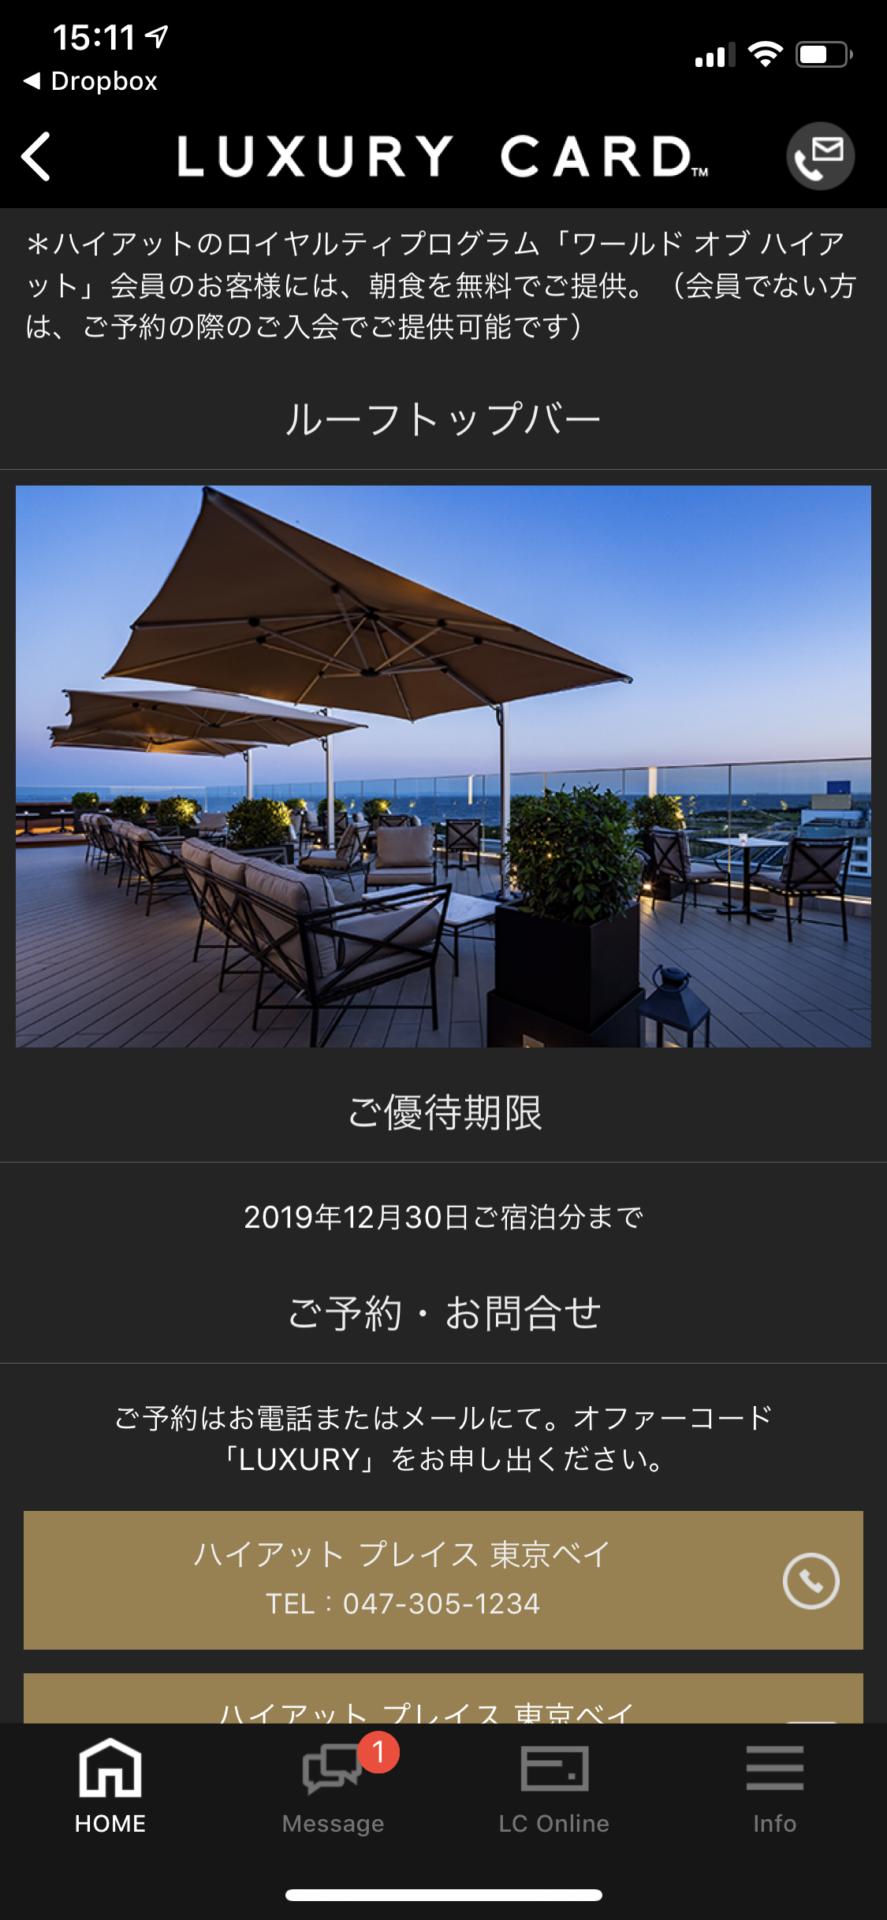 ハイアットプレイス東京ベイで最大4クラスの客室アップグレード